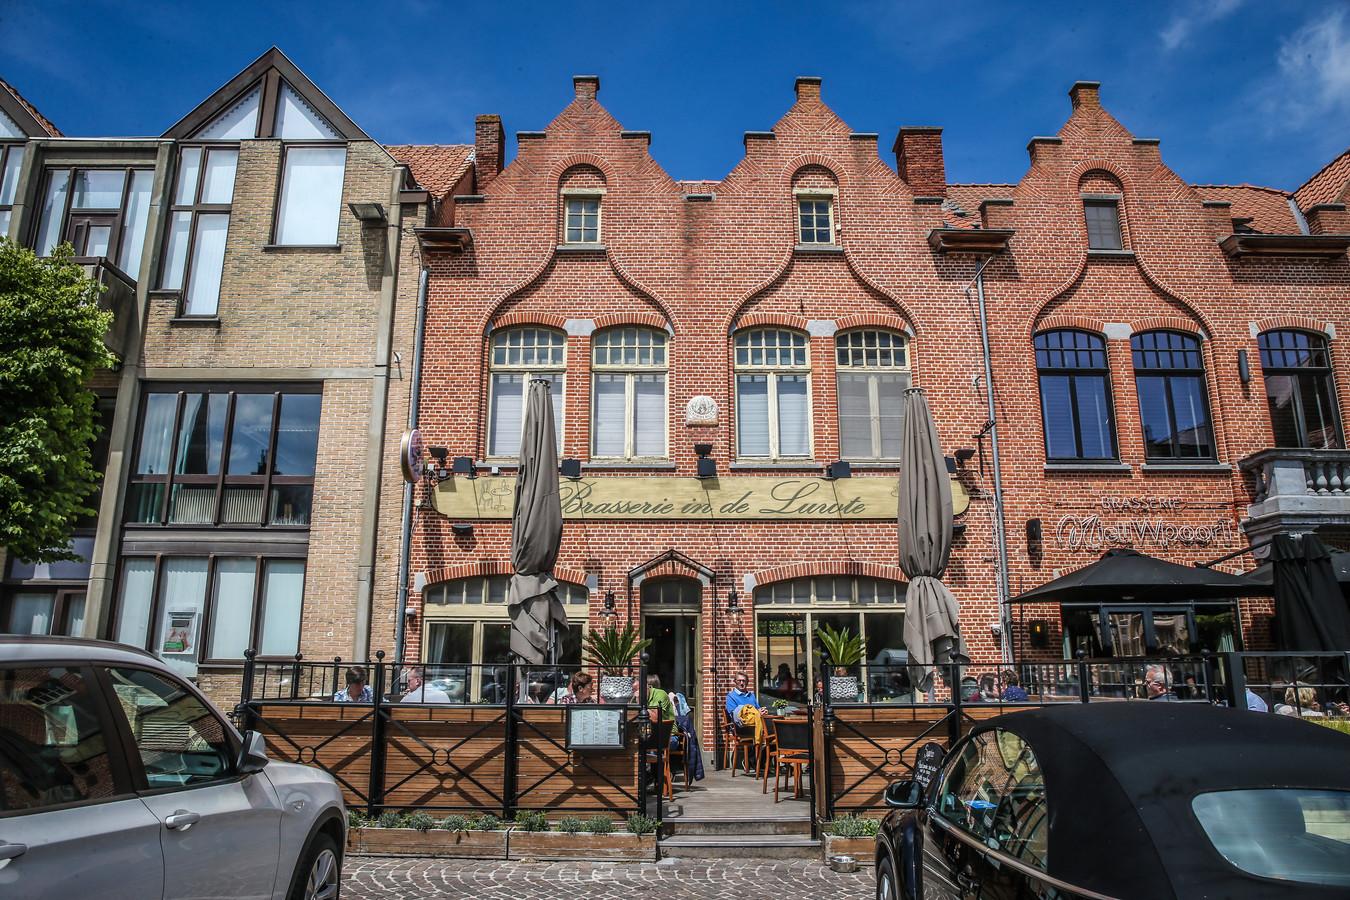 Brasserie In d Luwte - Nieuwpoort